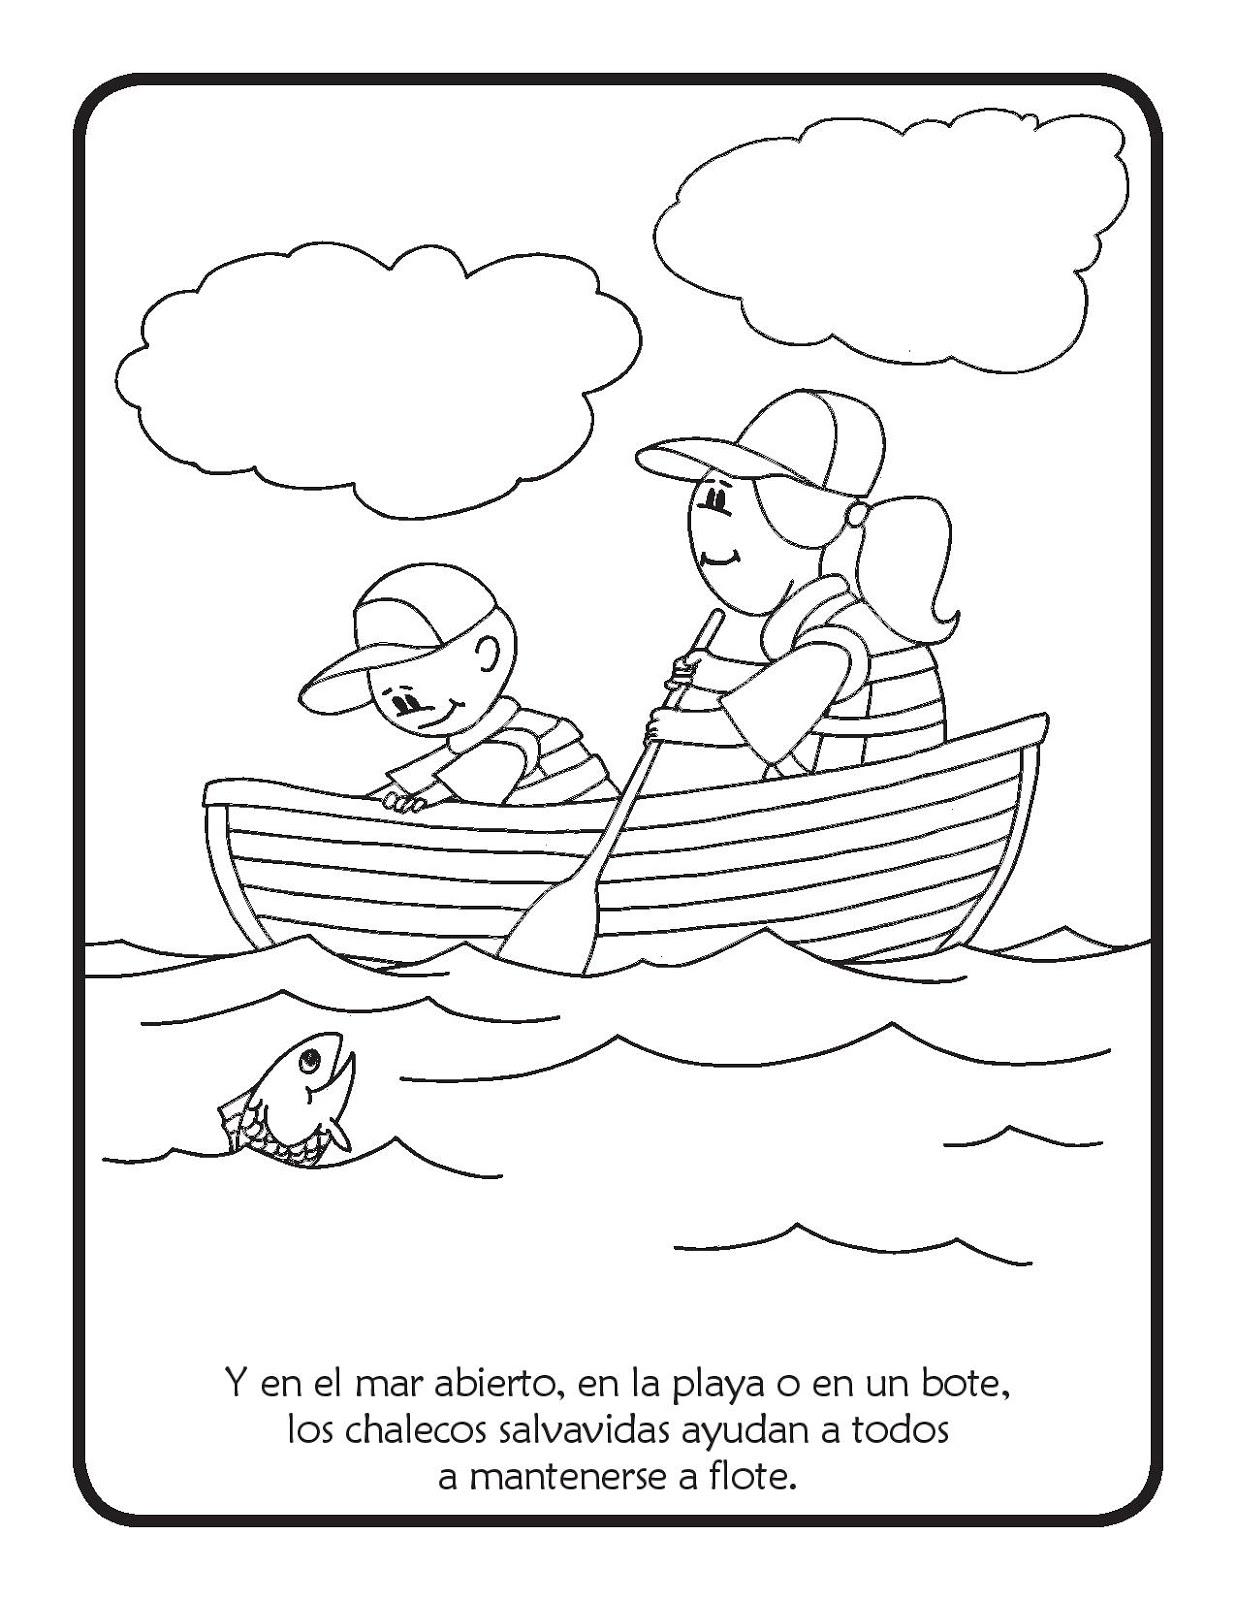 Seguridad al pescar para colorear